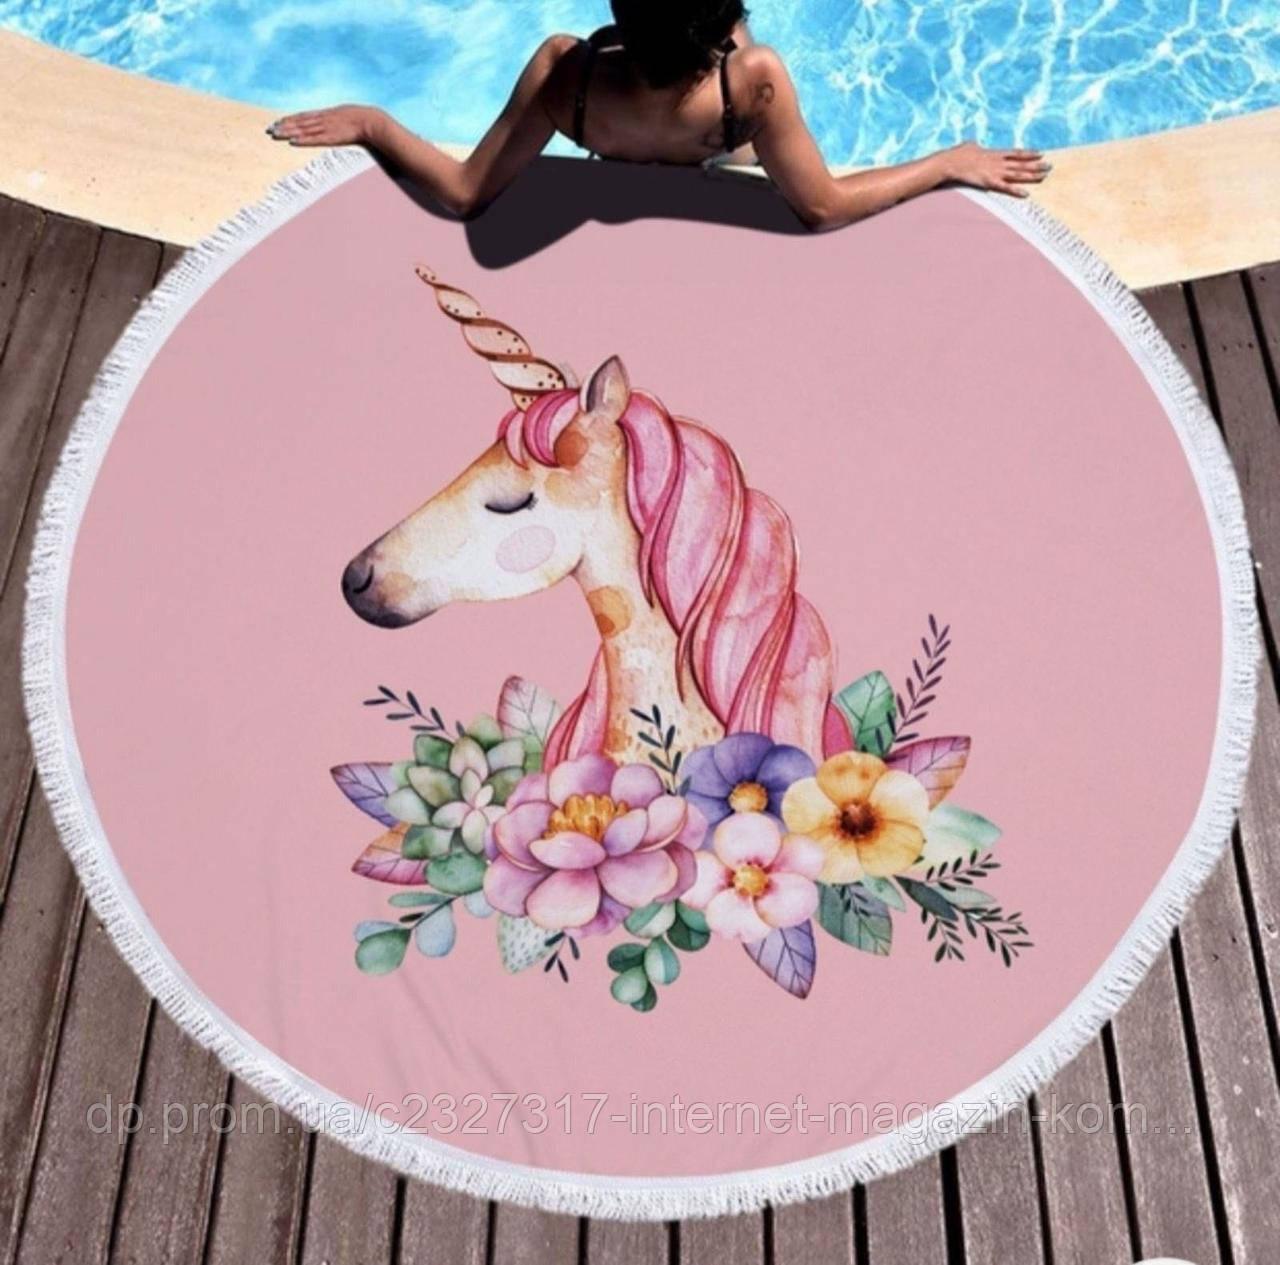 Пляжный коврик-полотенце, подстилка круглая 150 см Единорог